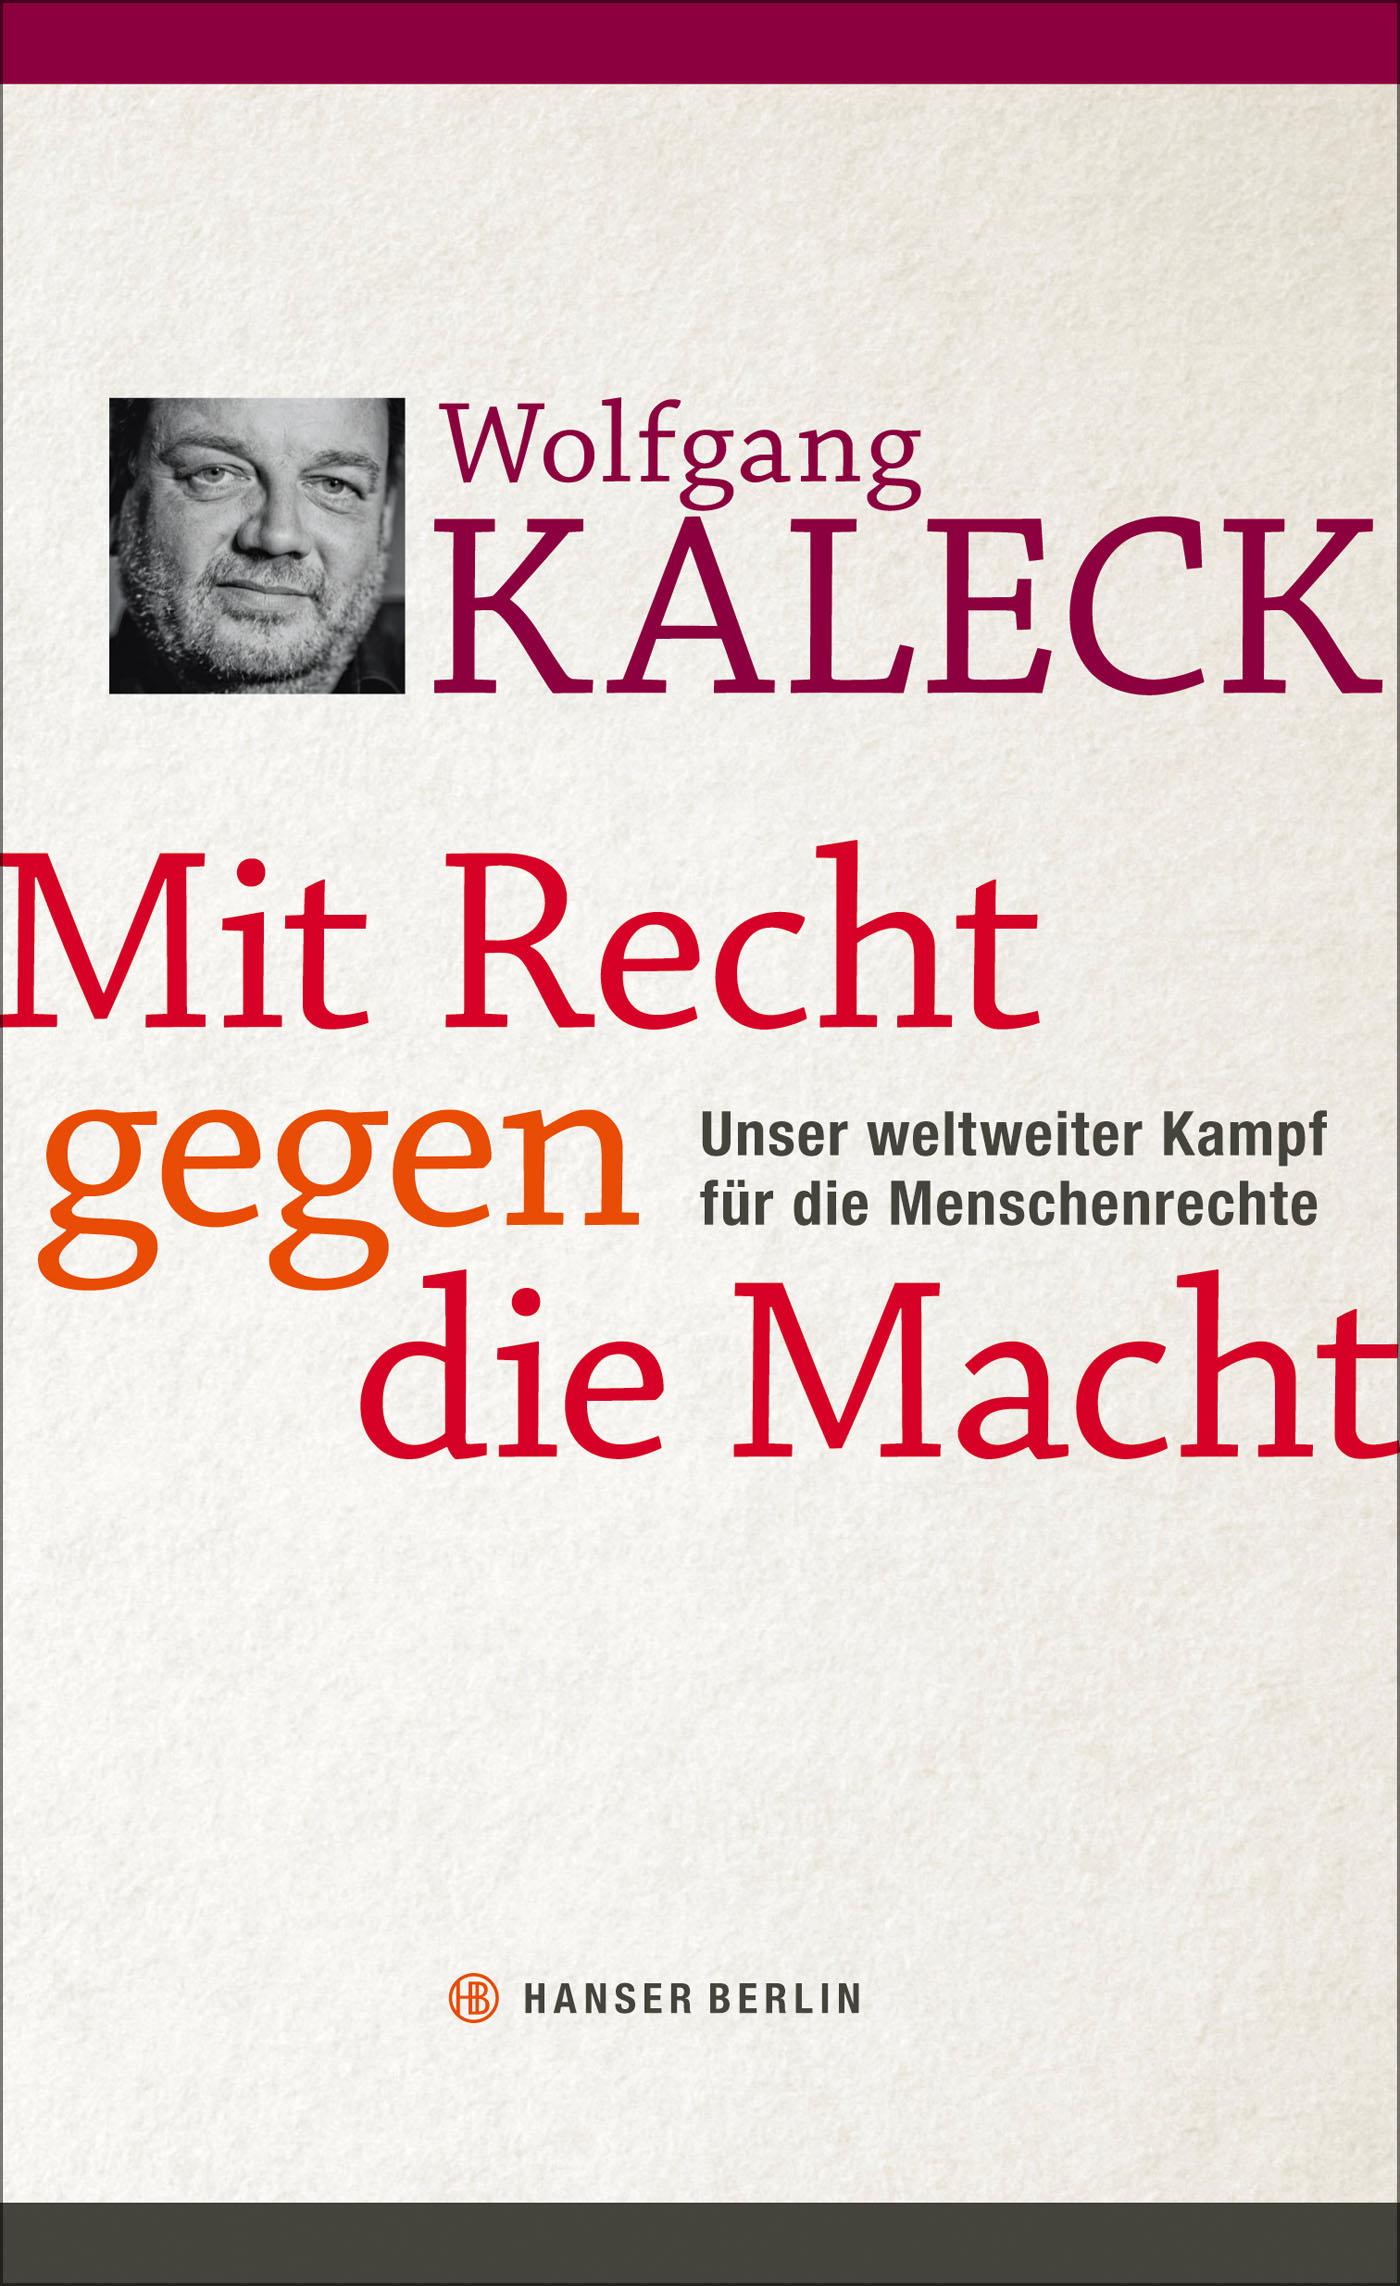 Wolfgang Kaleck - Mit Recht gegen die Macht Cover